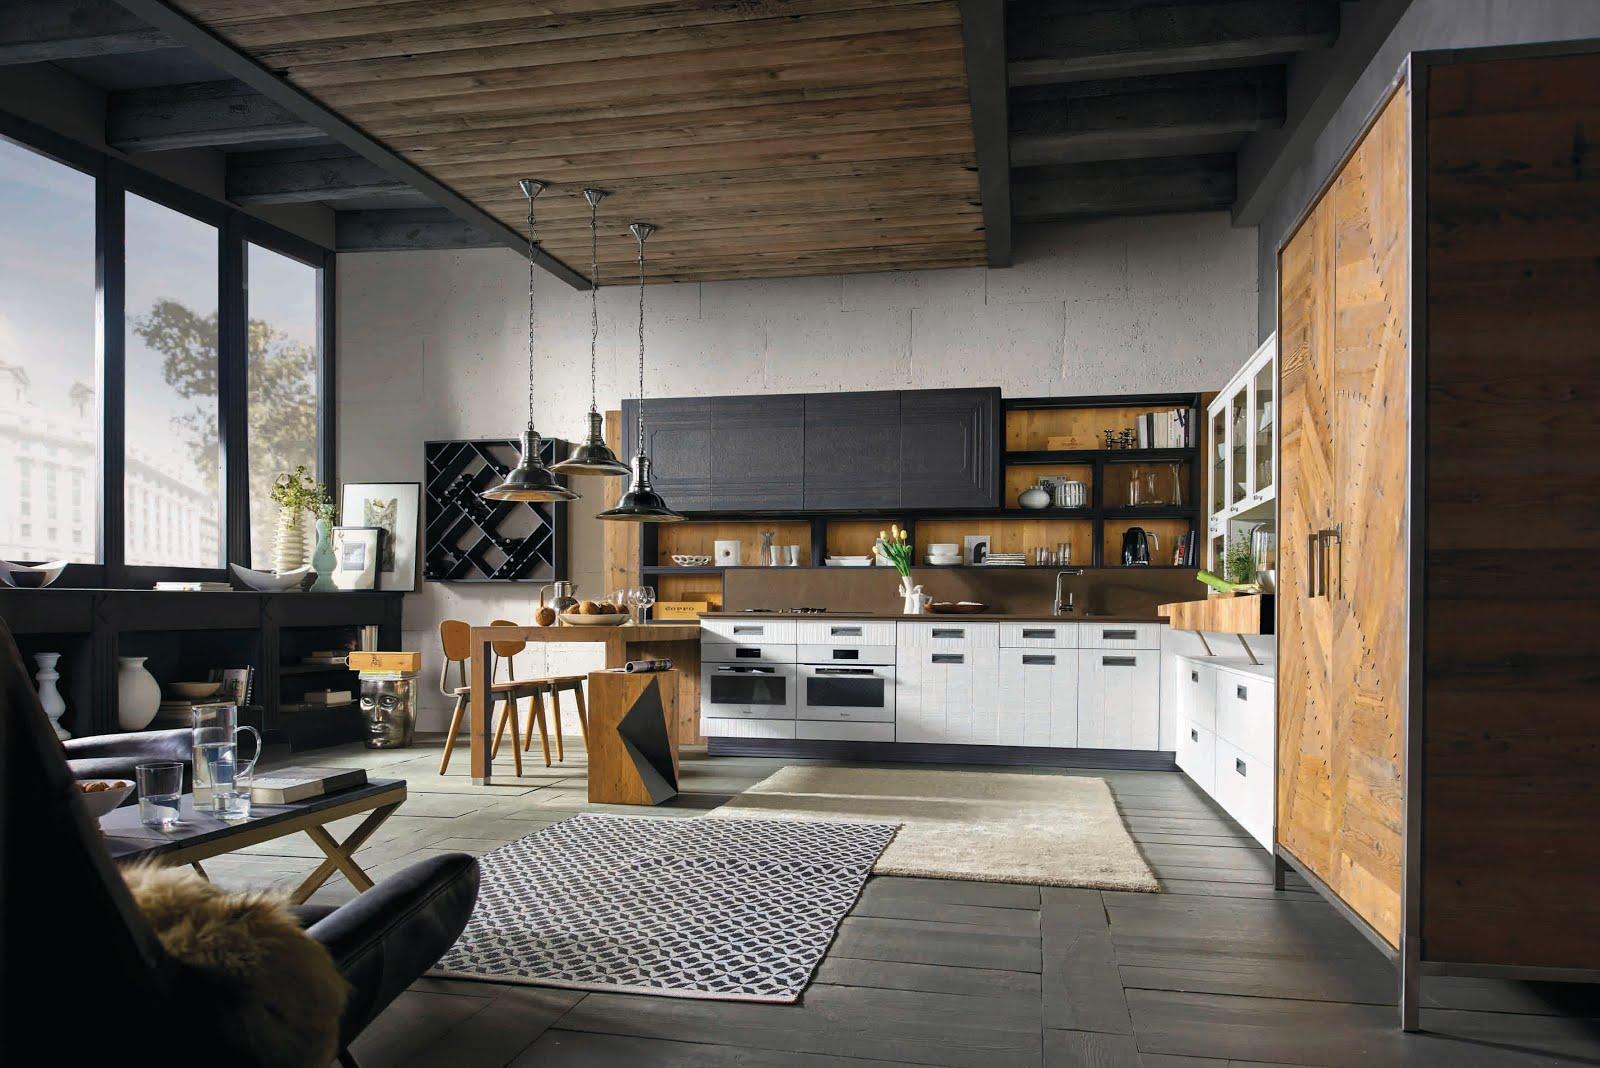 Arredo e design marchi cucine presenta lab 40 - Cucine anni 40 ...